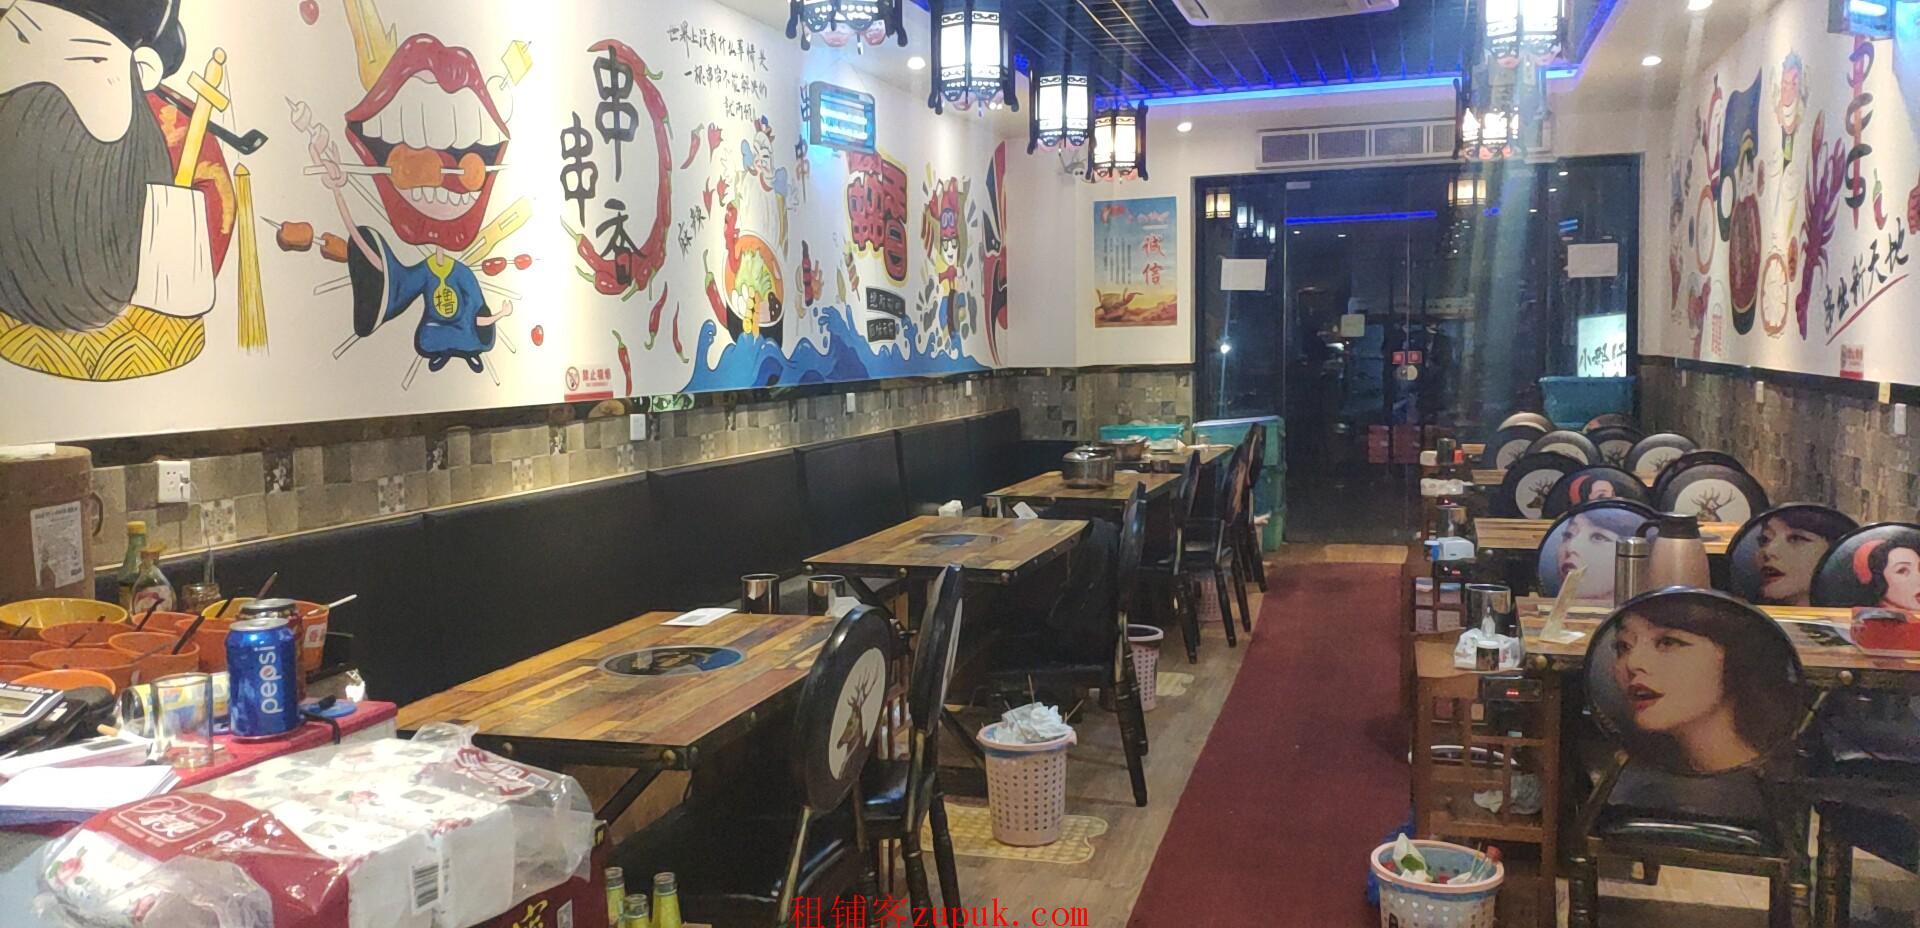 上海宝山大学内小吃旺铺,执照齐全有煤气学生居民多